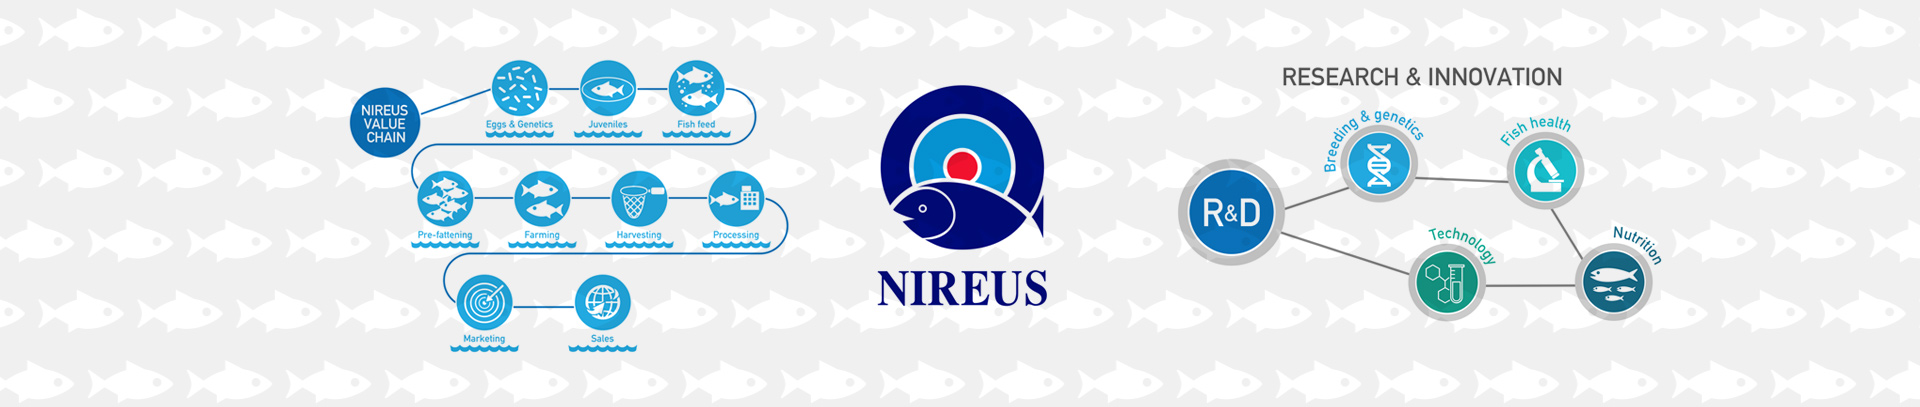 Nireys